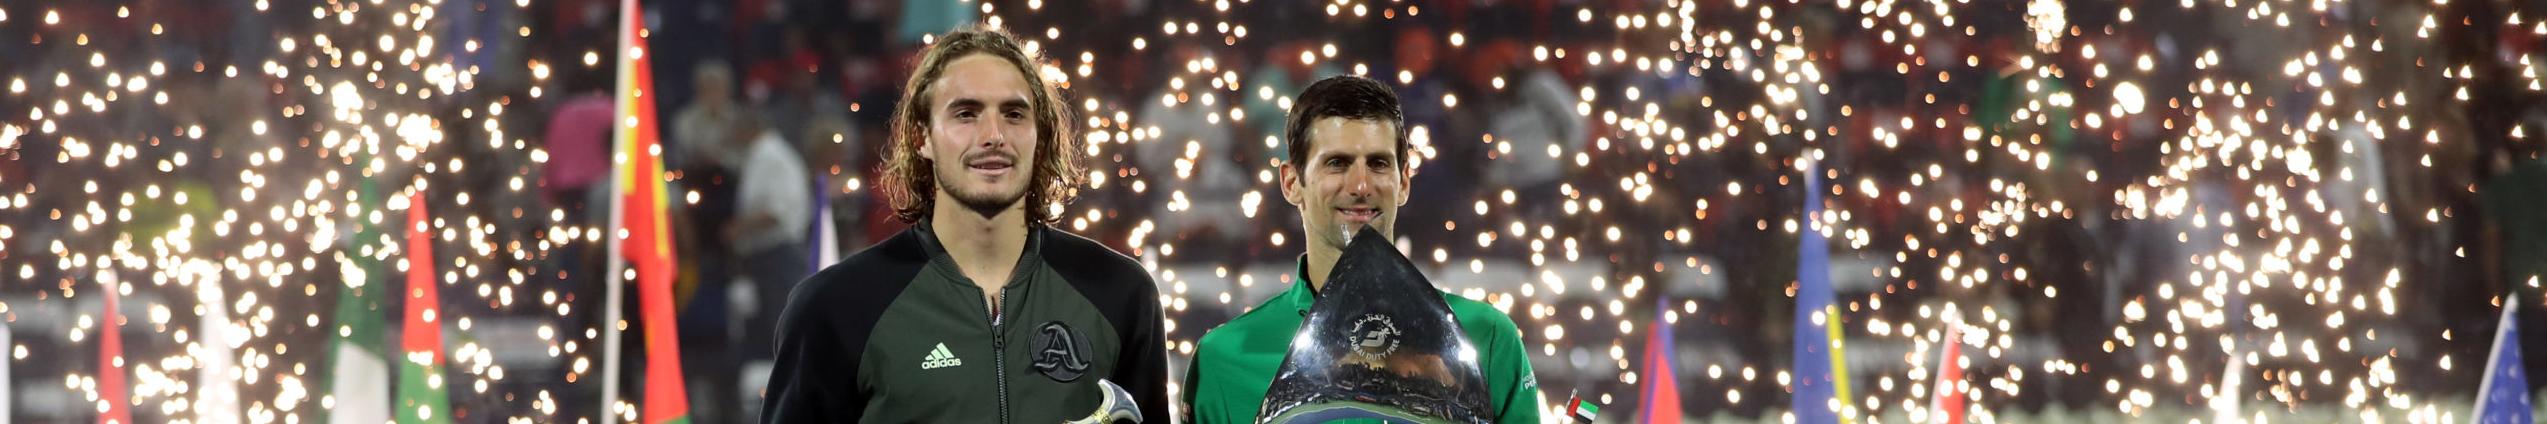 Τσιτσιπάς - Τζόκοβιτς: Με το βλέμμα στον τελικό του Roland Garros!